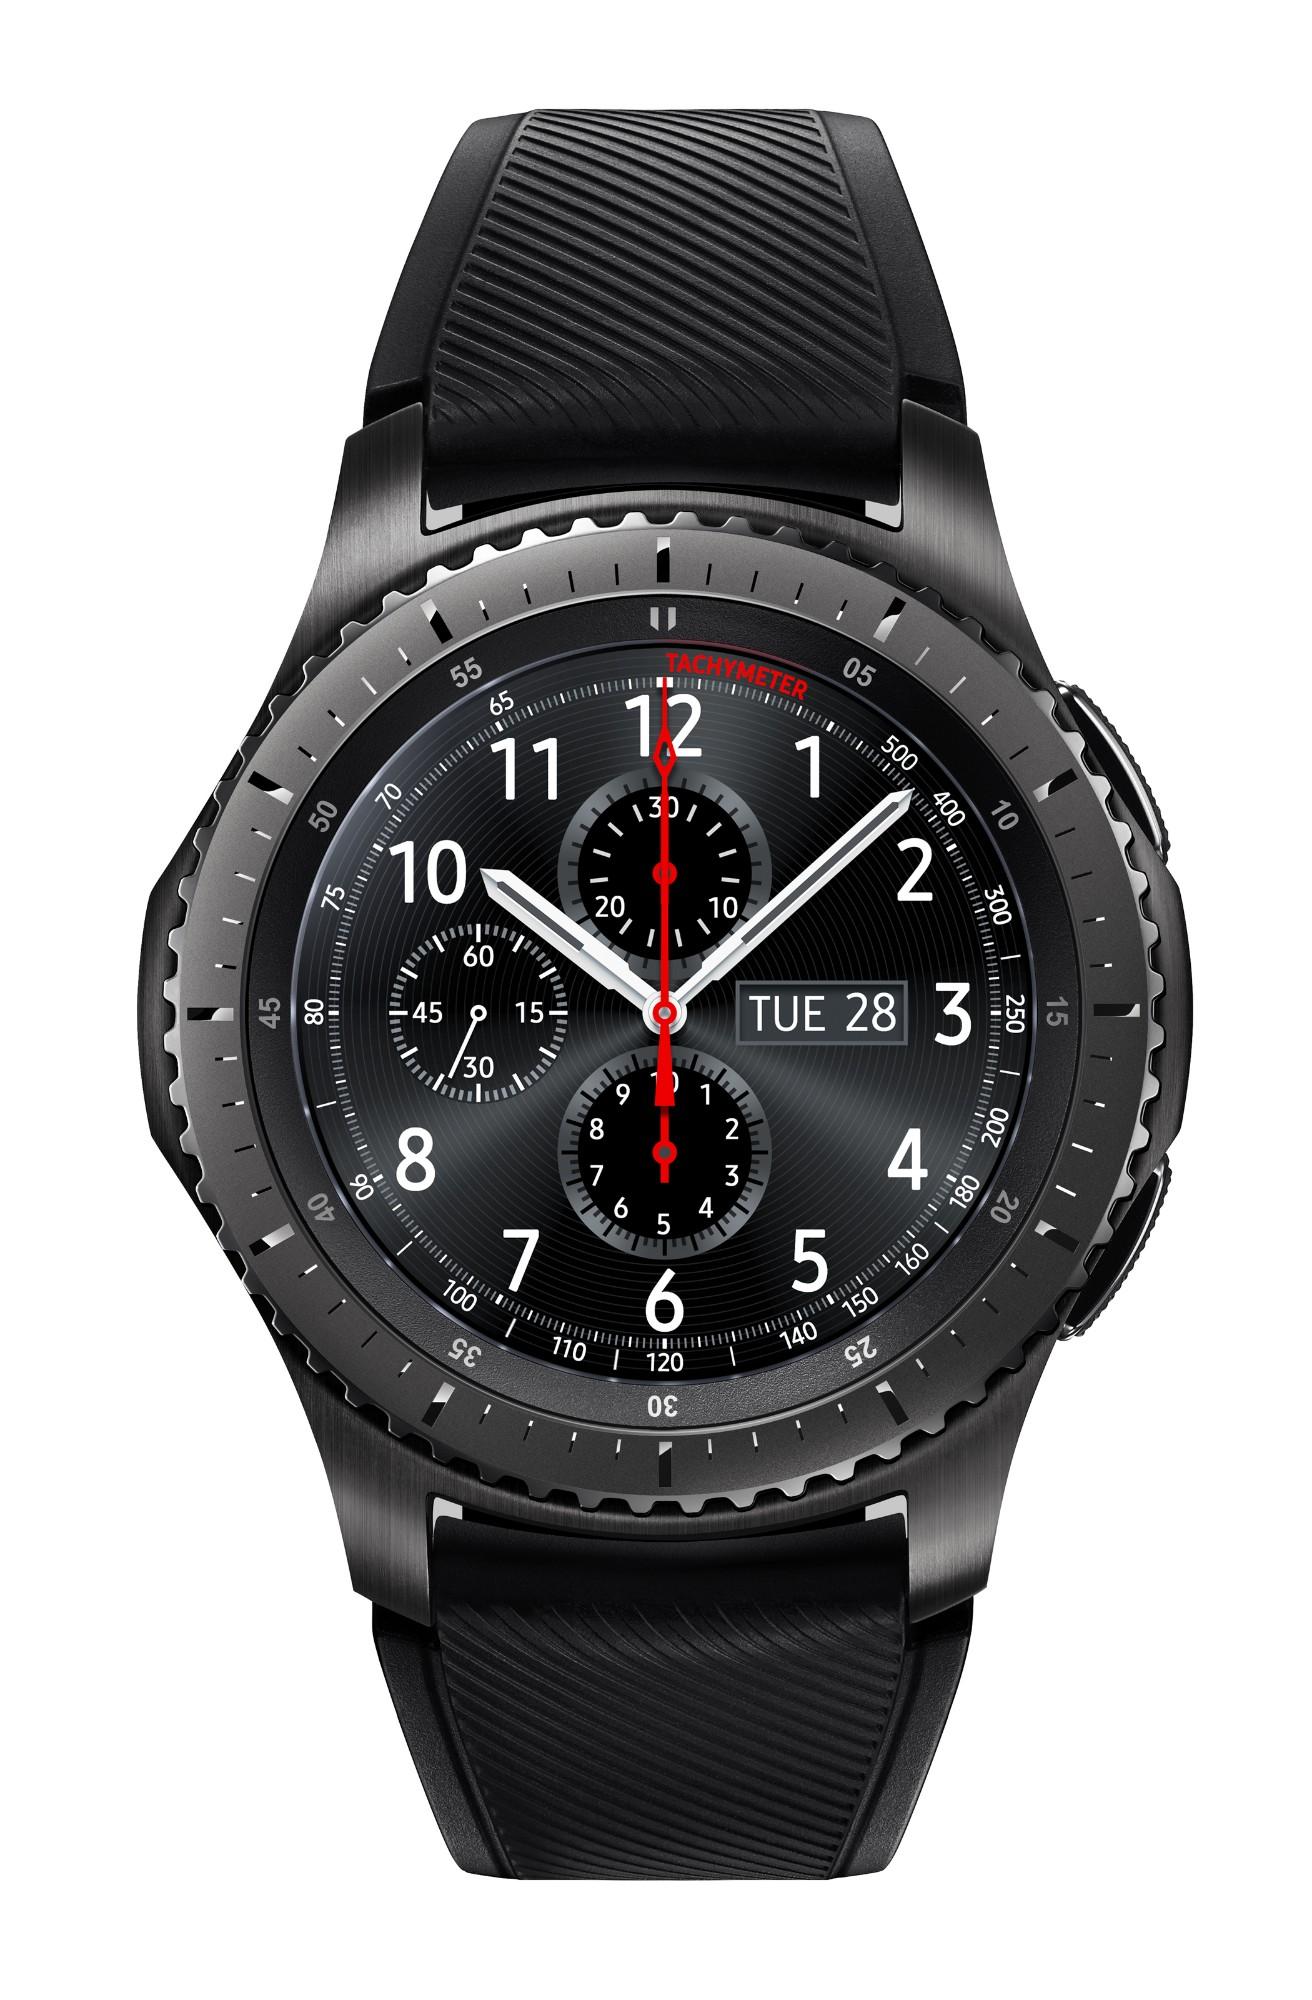 """Samsung Gear S3 Frontier smartwatch Black SAMOLED 3.3 cm (1.3"""") GPS (satellite)"""